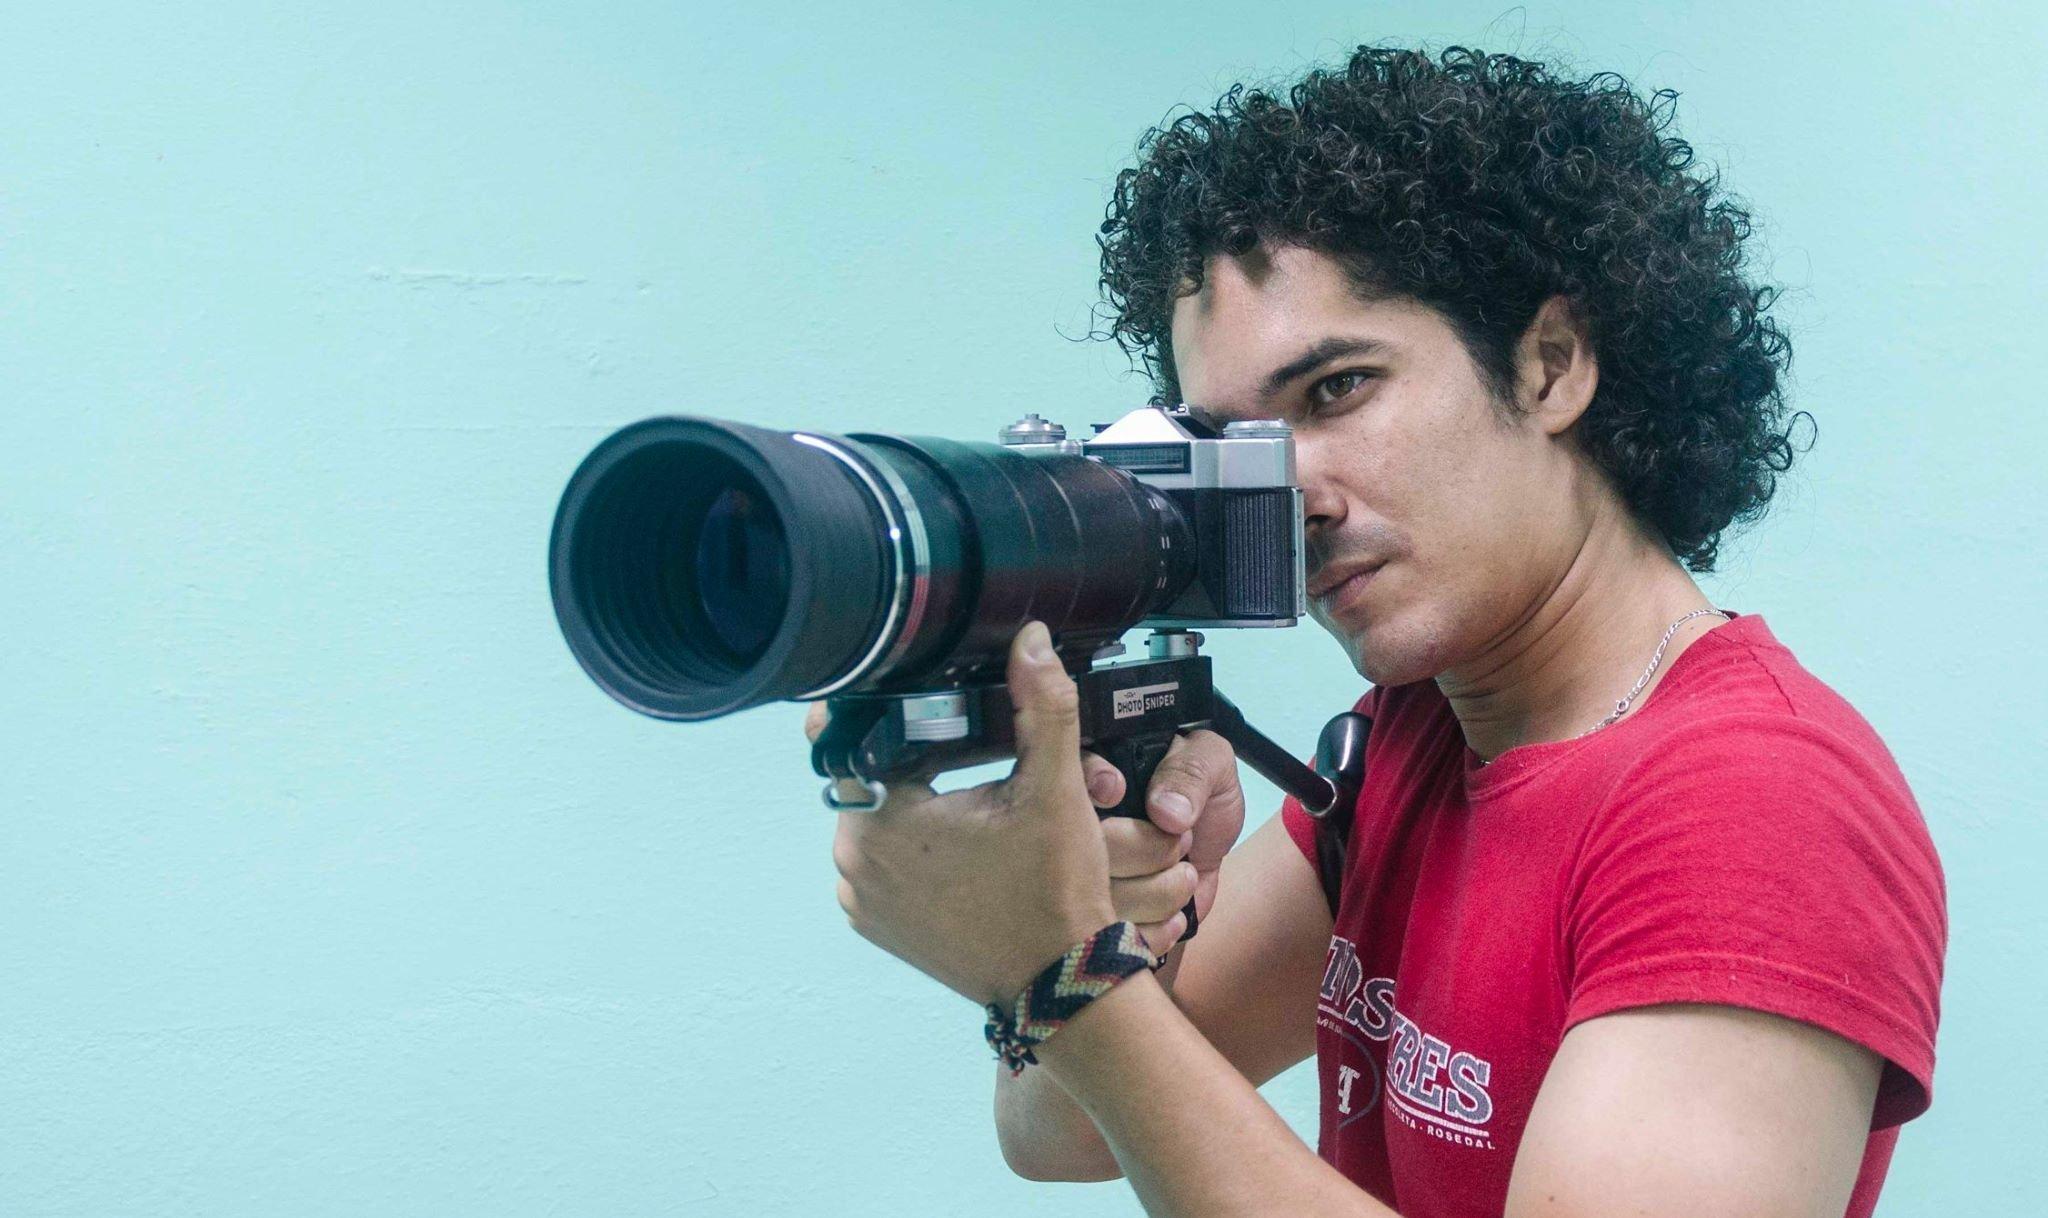 Yander Zamora, el fotorreportero cubano